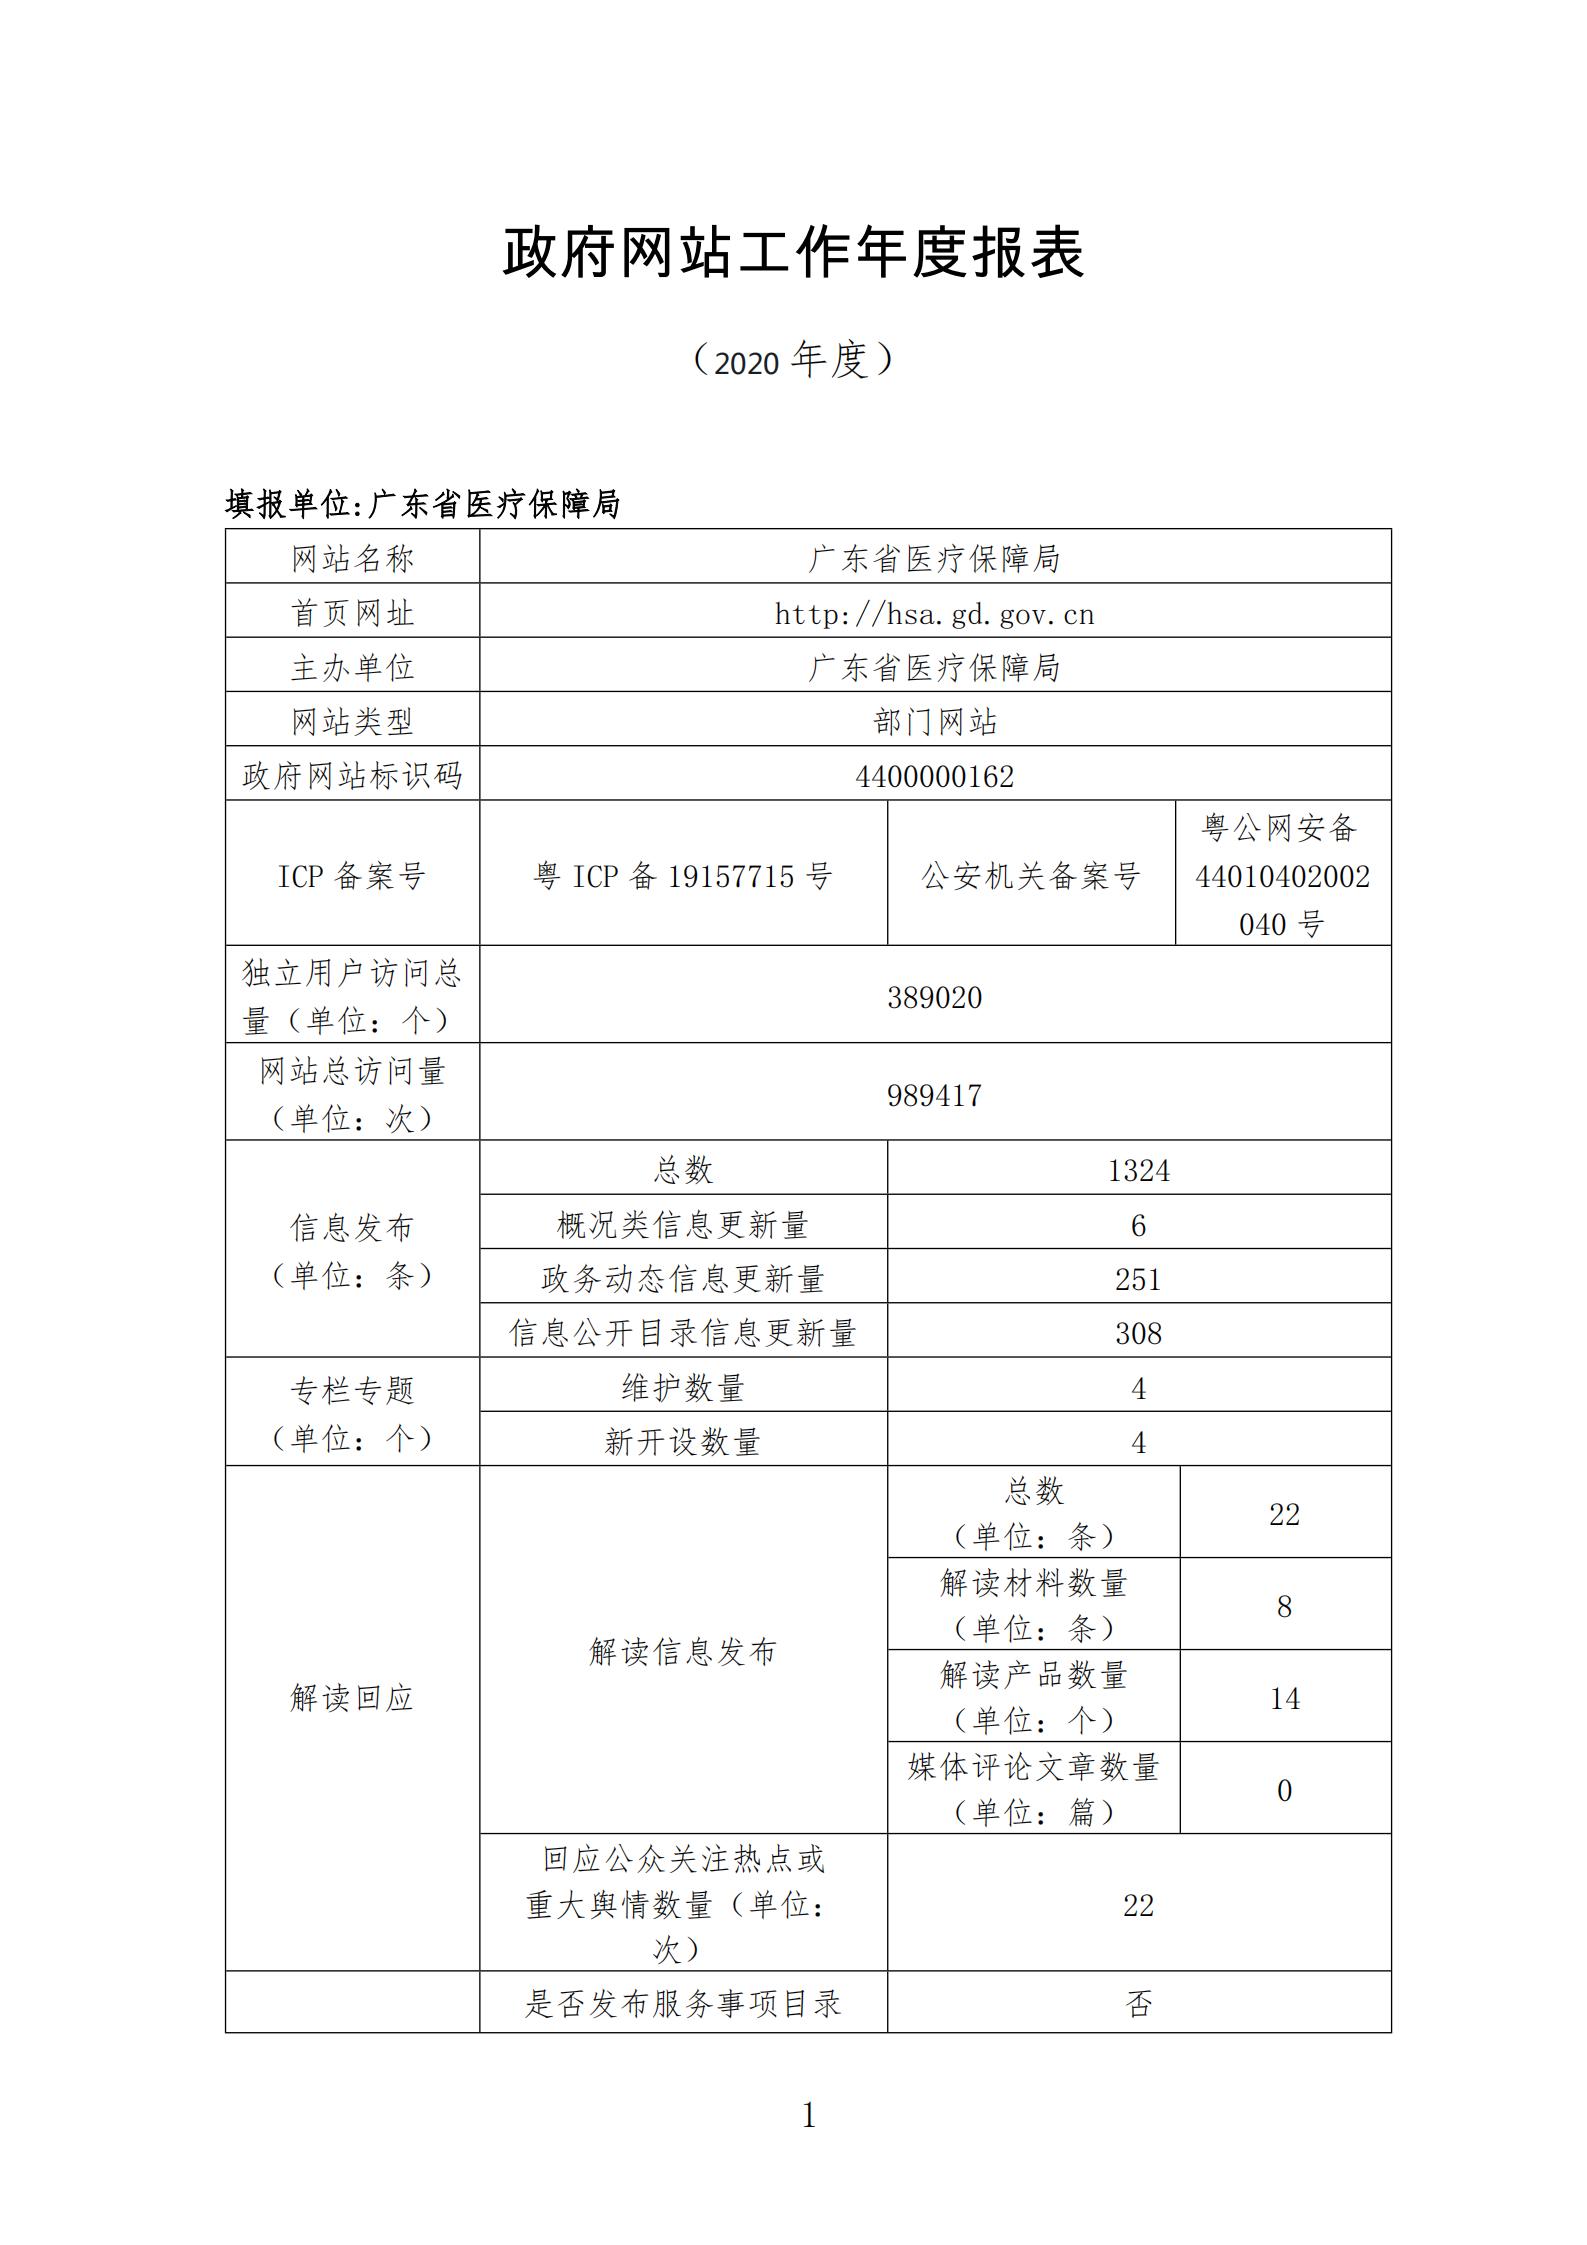 广东省医疗保障局政府网站工作报表(2020年度)_00.png